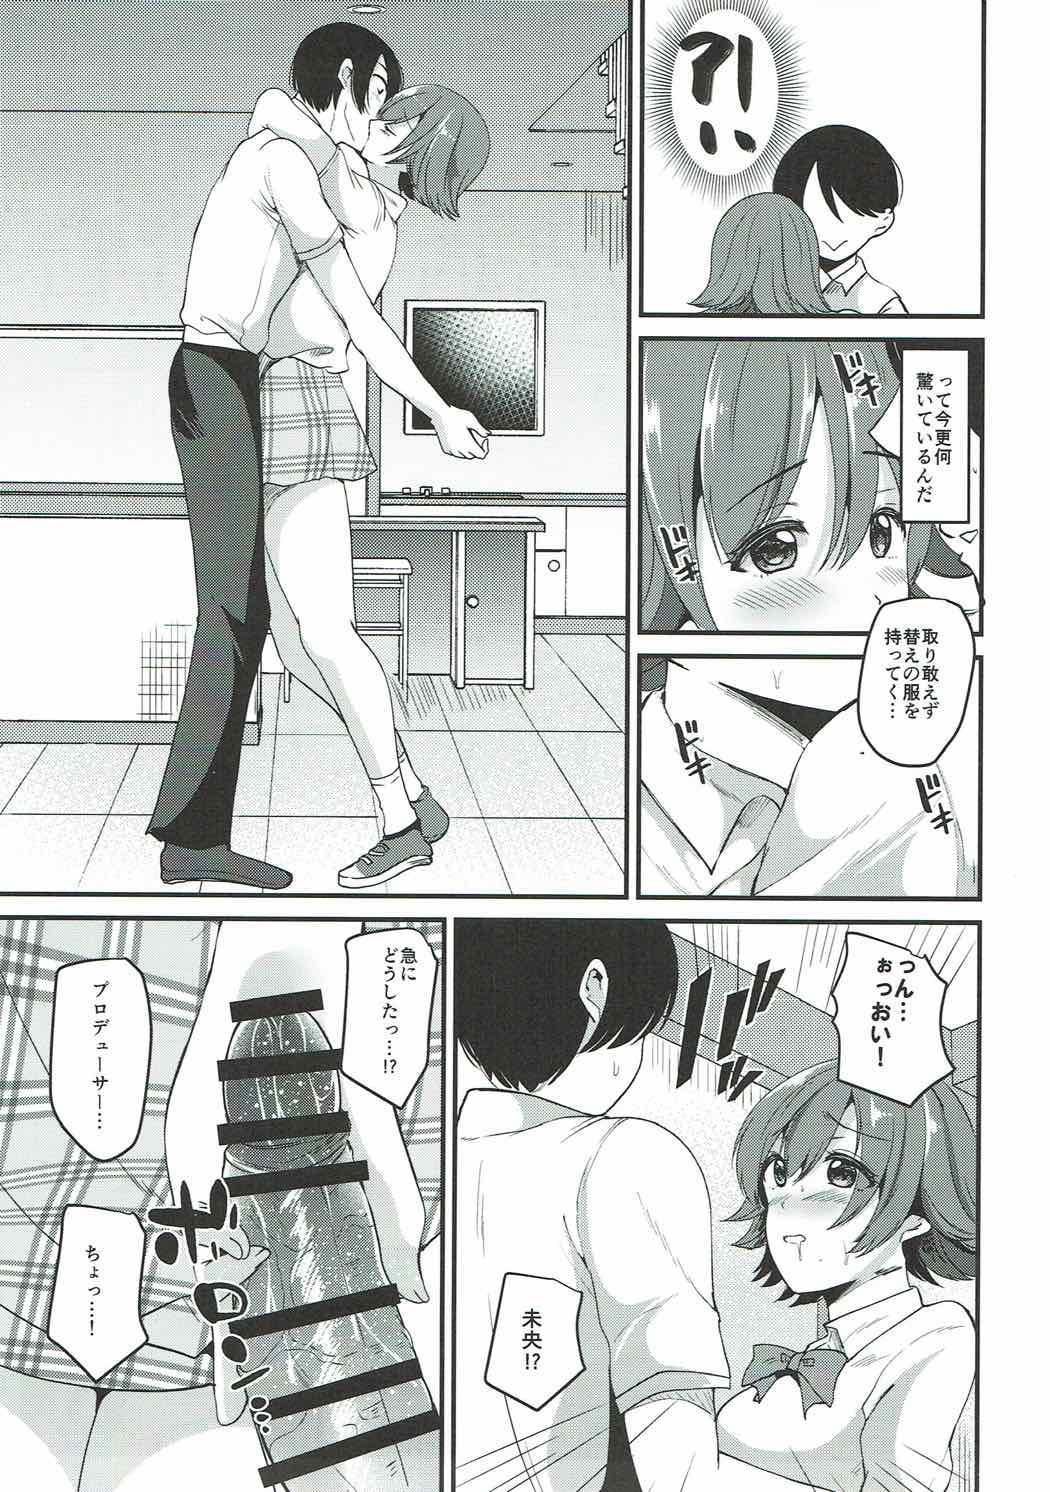 Dakara Boku wa Mio ga Suki 2 8